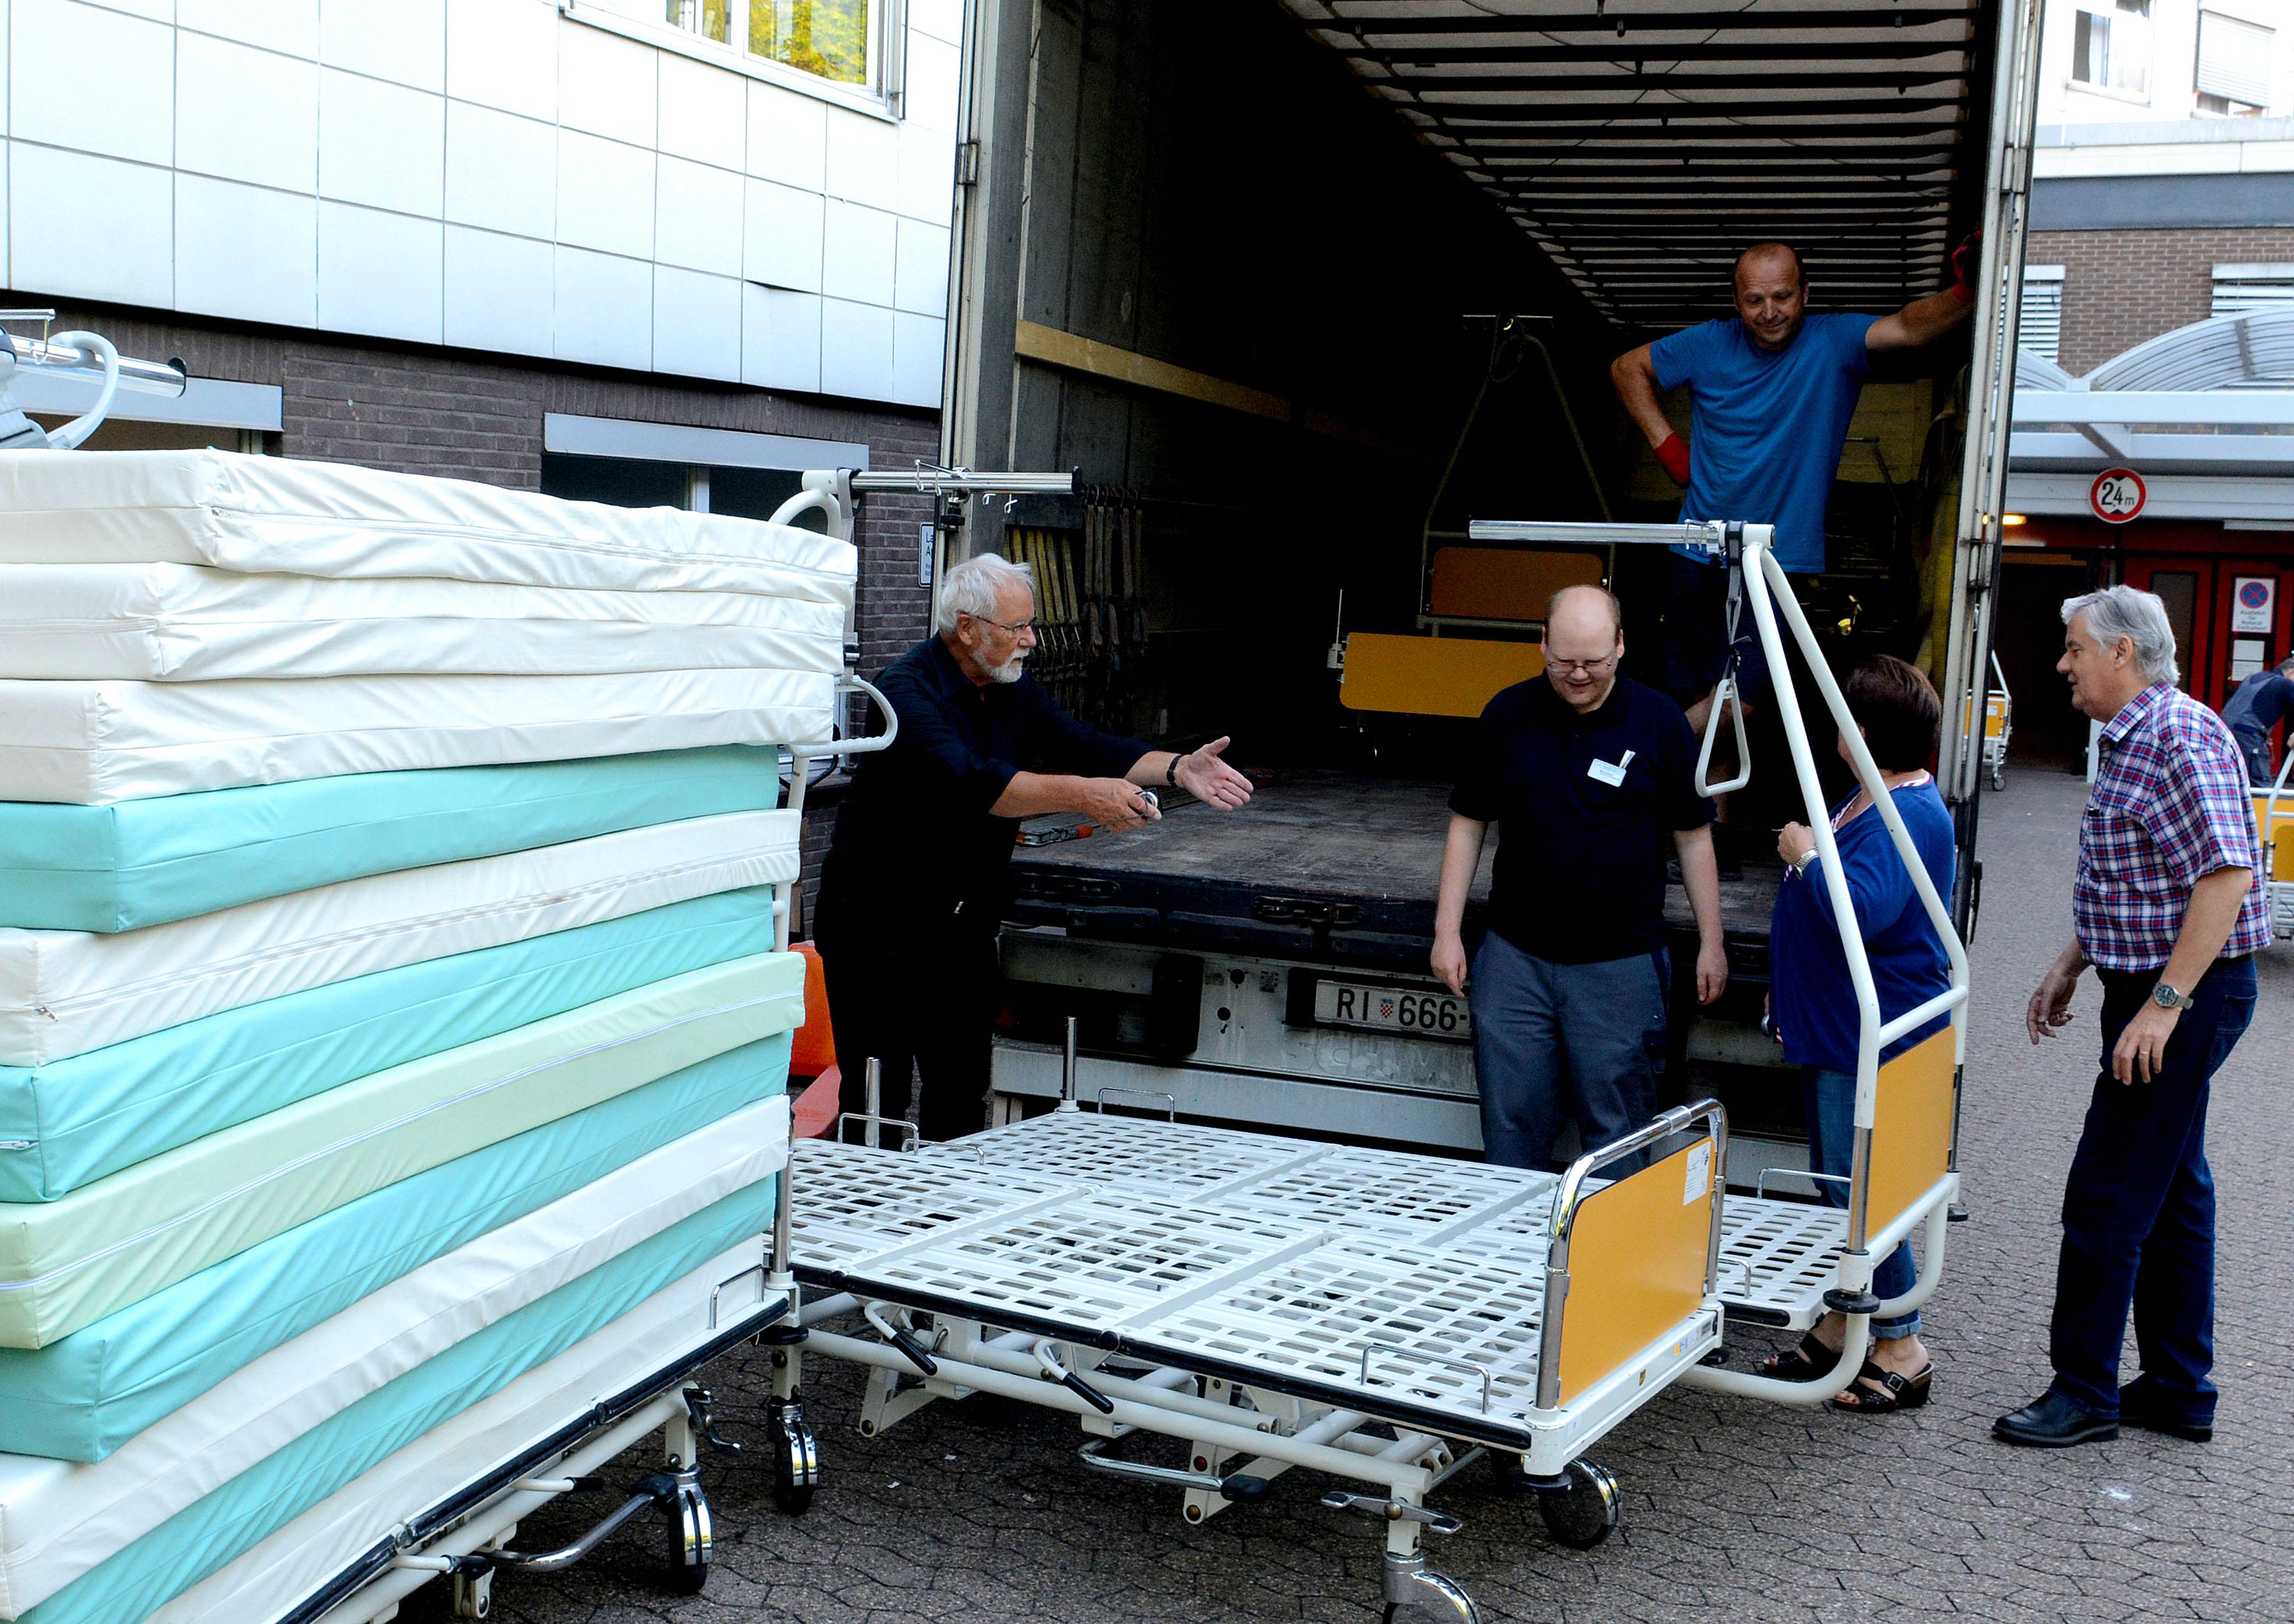 Bolnički kreveti velika su pomoć obitelji u potrebi